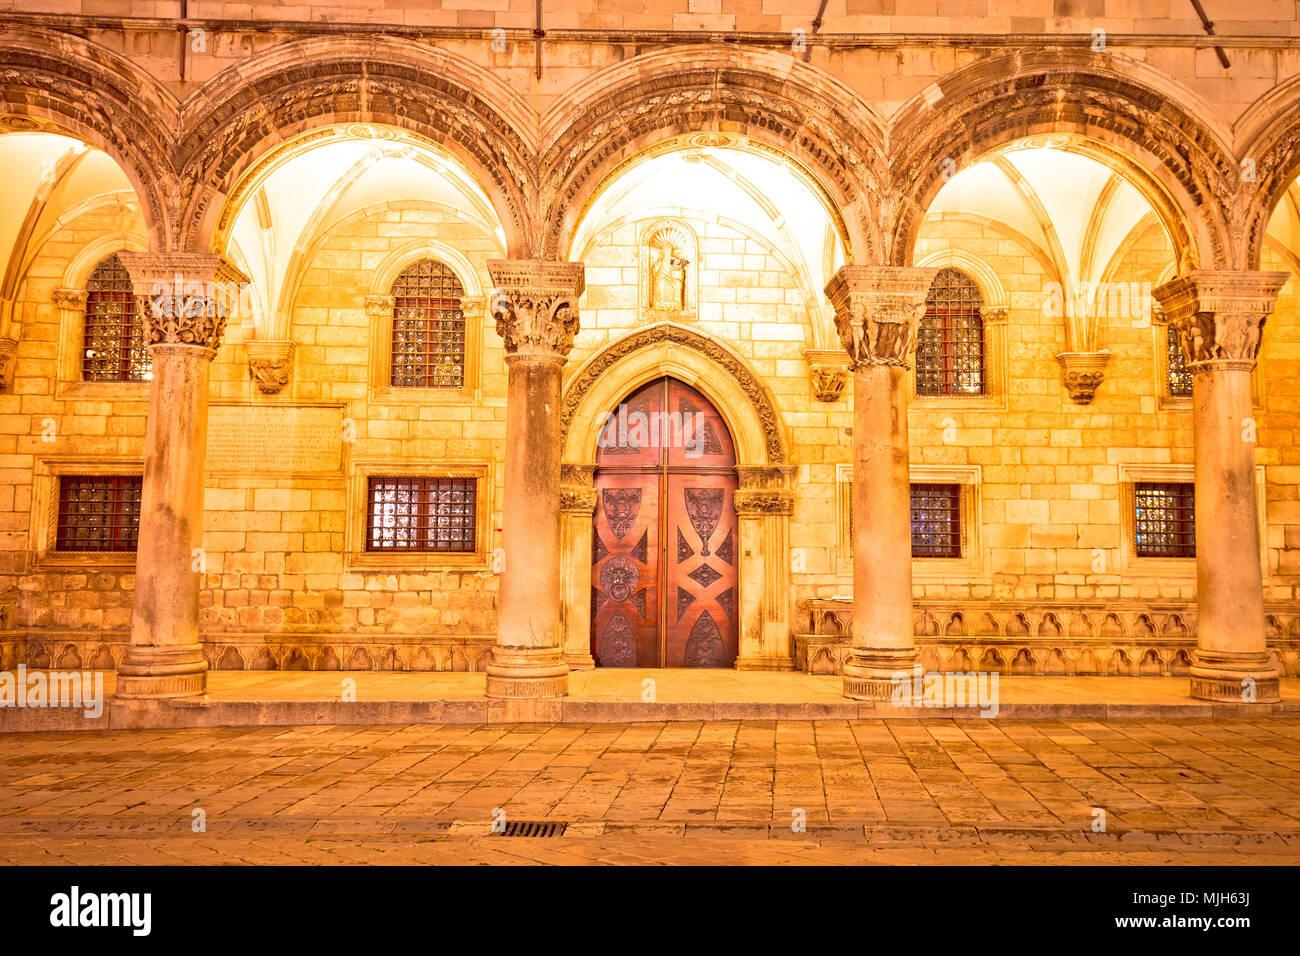 Dubrovnik calle arcos arquitectura histórica y vista por la noche, la región de Dalmacia en Croacia Foto de stock